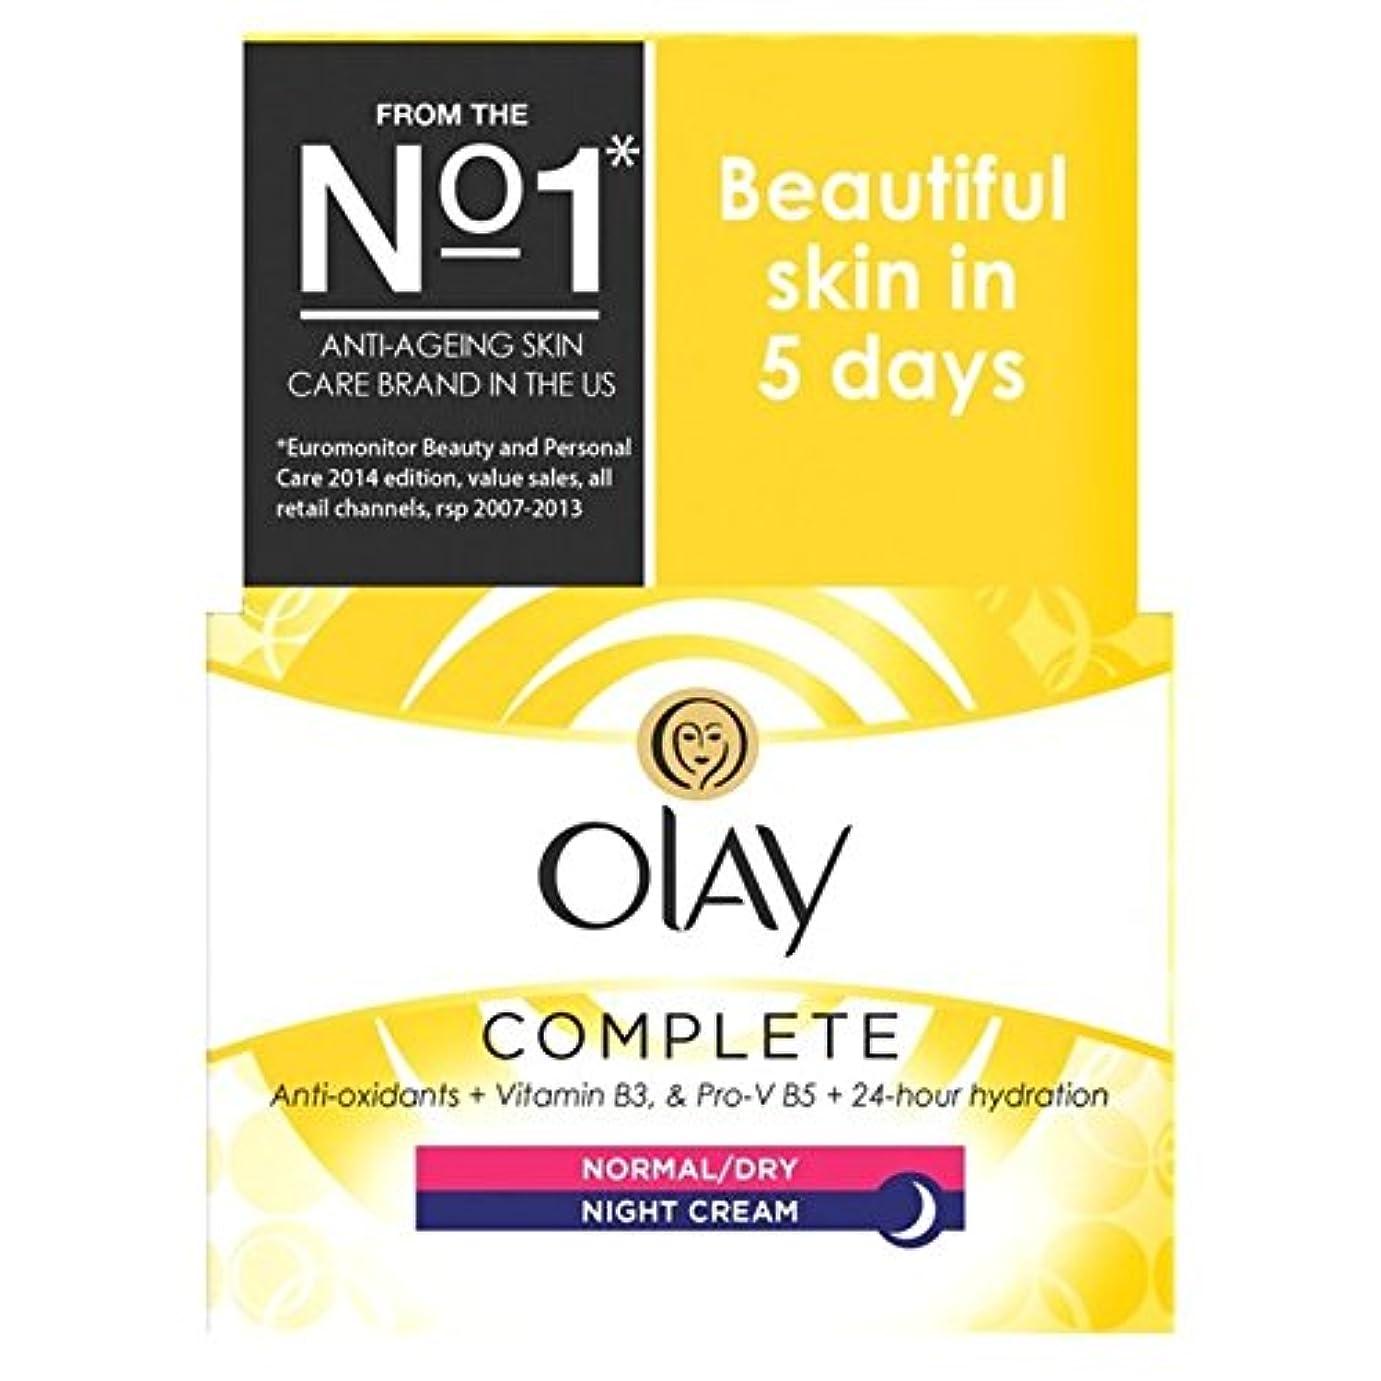 ヘッジ販売計画ディベートオーレイ必需品の完全なケア保湿ナイトクリーム50ミリリットル x4 - Olay Essentials Complete Care Moisturiser Night Cream 50ml (Pack of 4) [並行輸入品]